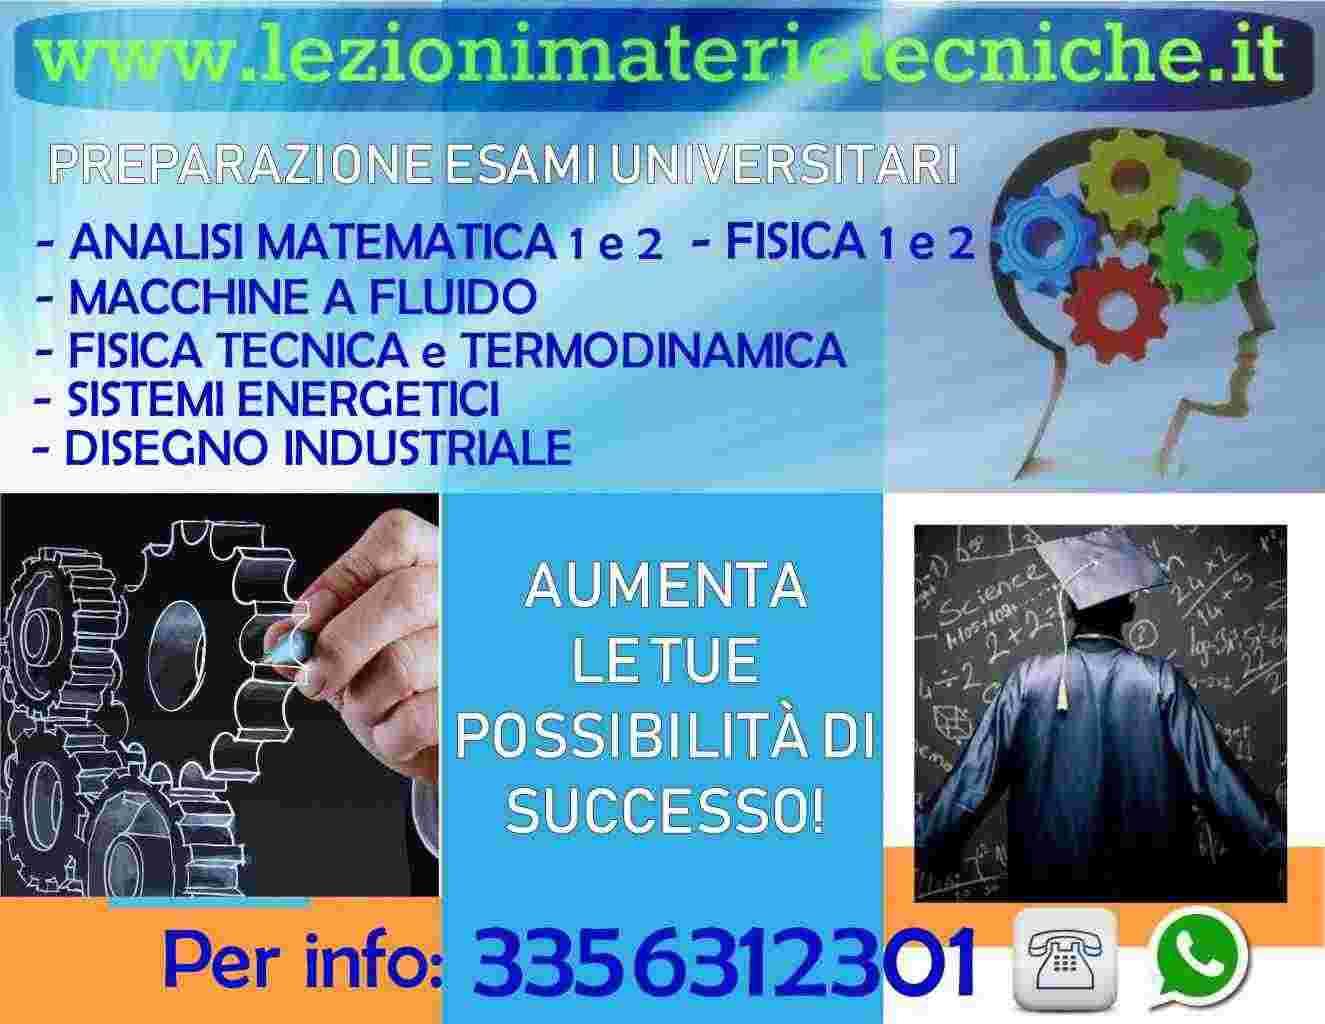 Macchine a Fluido, Fisica Tecnica, Sistemi Energetici